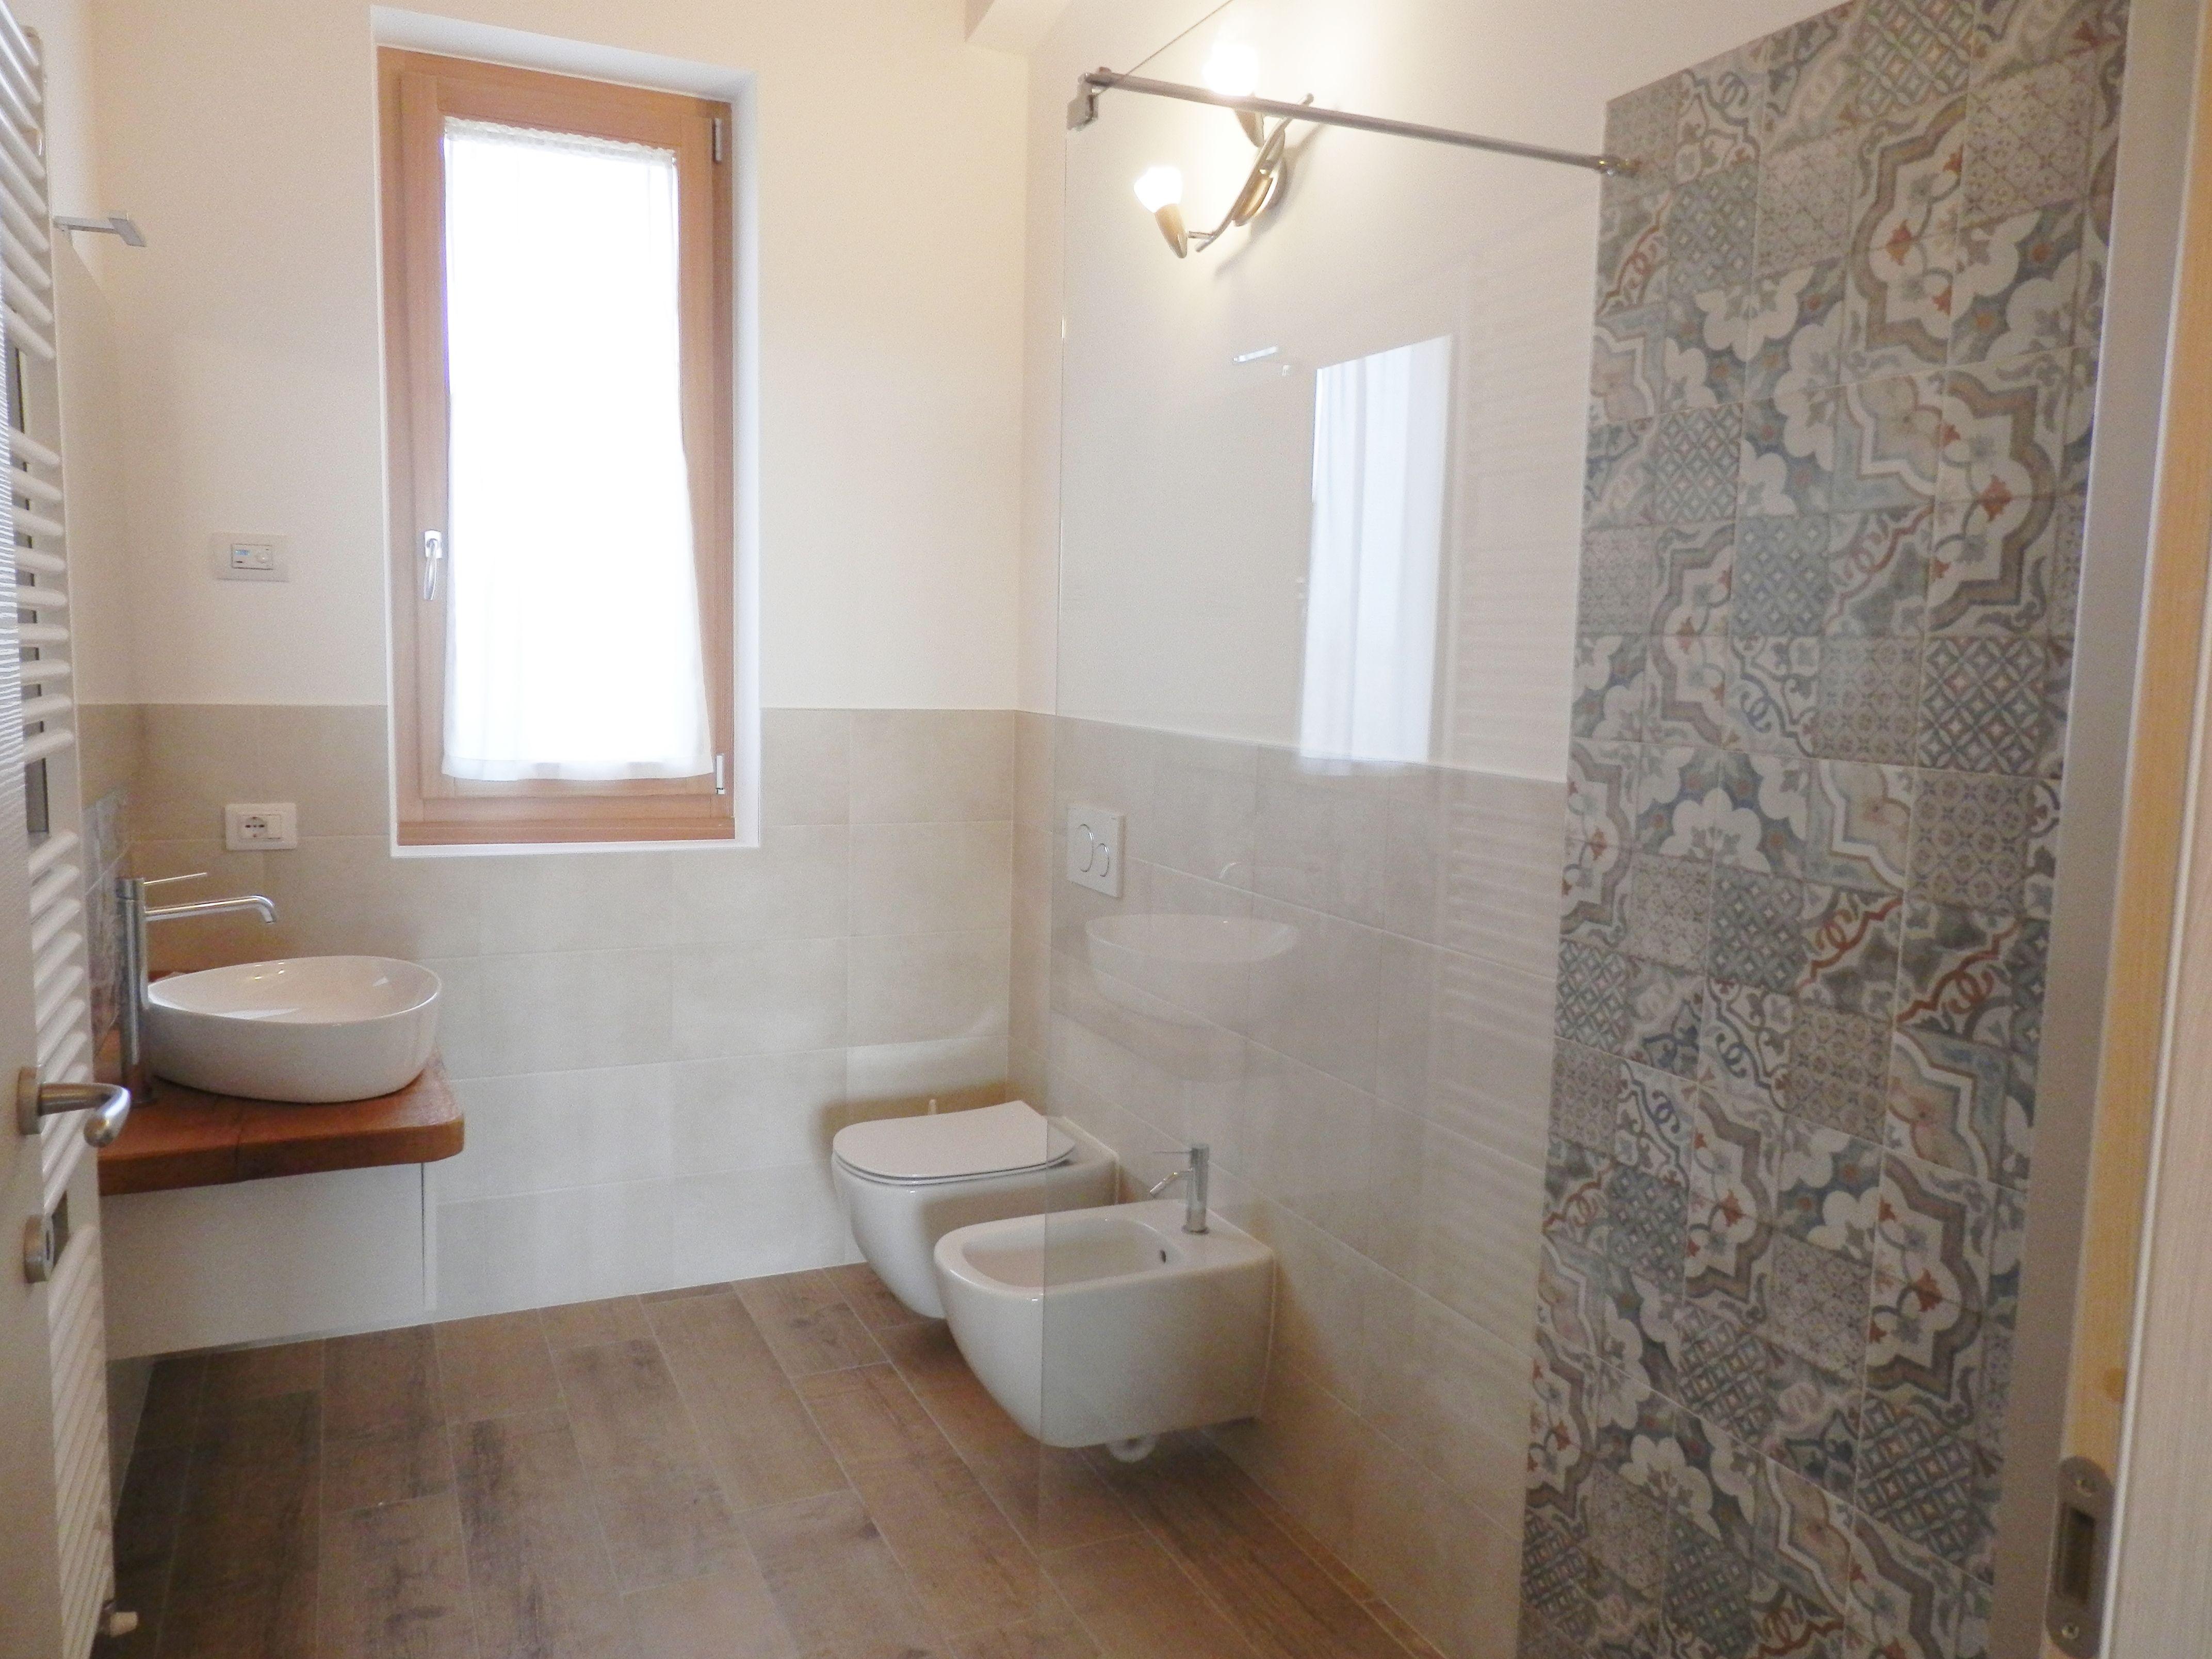 Posteghe two-room apartment | Agriturismo Fioralba Lake Garda